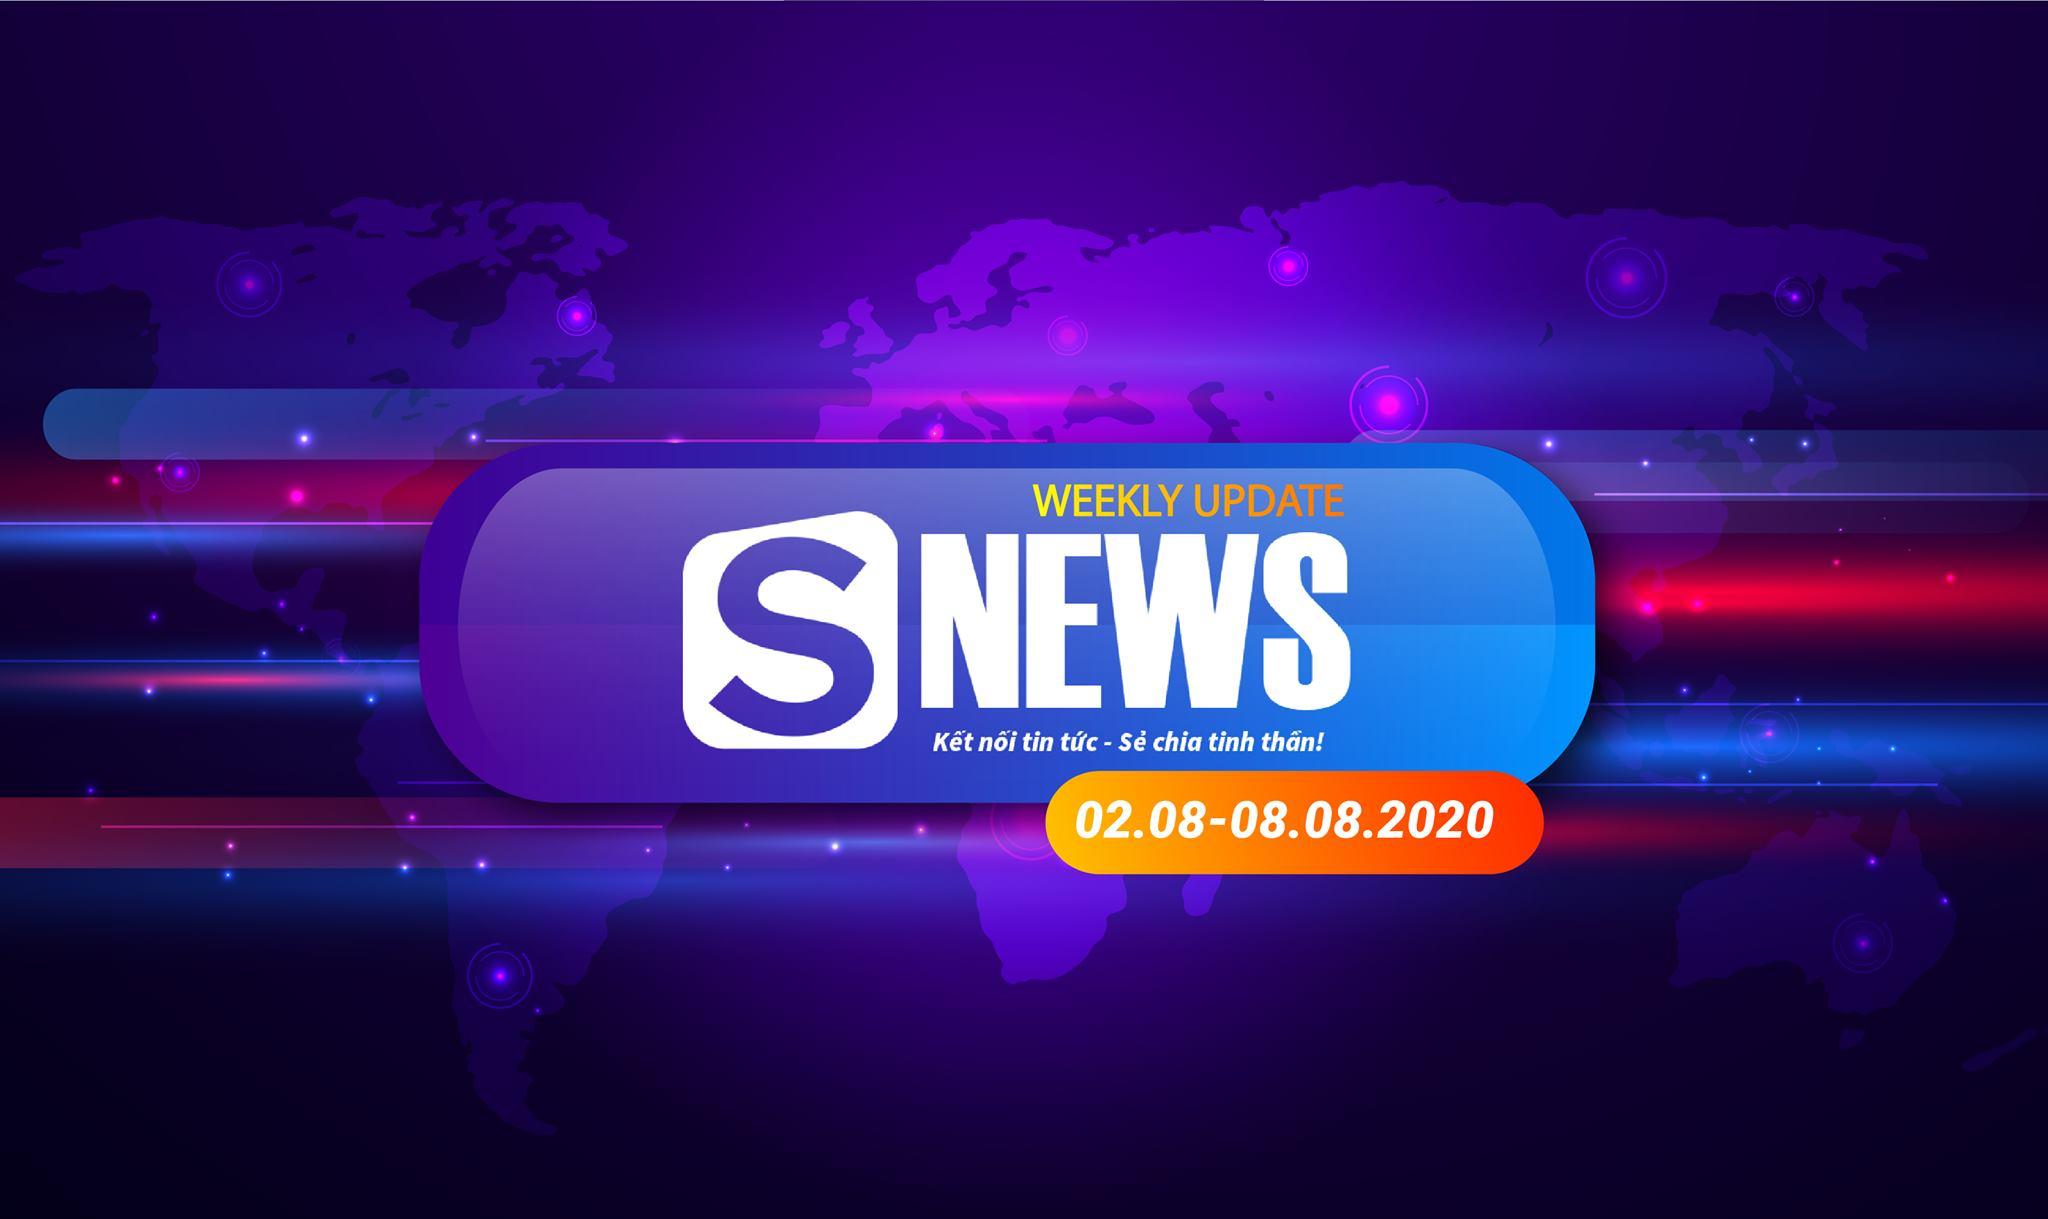 Tổng hợp tin tức tuần qua (02.08 - 08.08.2020)